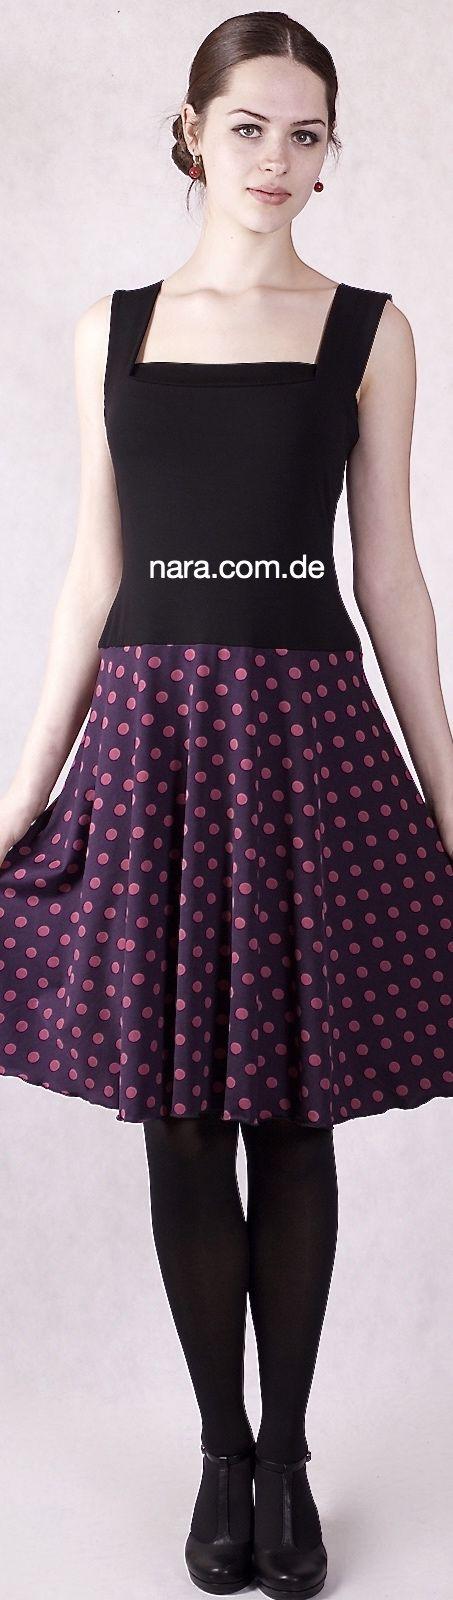 www.nara.com.de Sommerkleid, Sun Dress, geblümtes Kleid, gepunktetes Kleid,Tageskleid, Short-Sleeveles Dress, verspielte Hippie Kleid, Freizeitkleid, bequemes Printkleid, Strandkleider, Maxikleid, Frühlingskleid, Tankdress, Trägerkleider, Stretchkleid, Shirt Dress,   *****Black Swan Dresss, schwarzes Kleid , kleines schwarzes, minikleid, sexy Kleid, enges Kleid, neckholderkleid,Babydollkleid